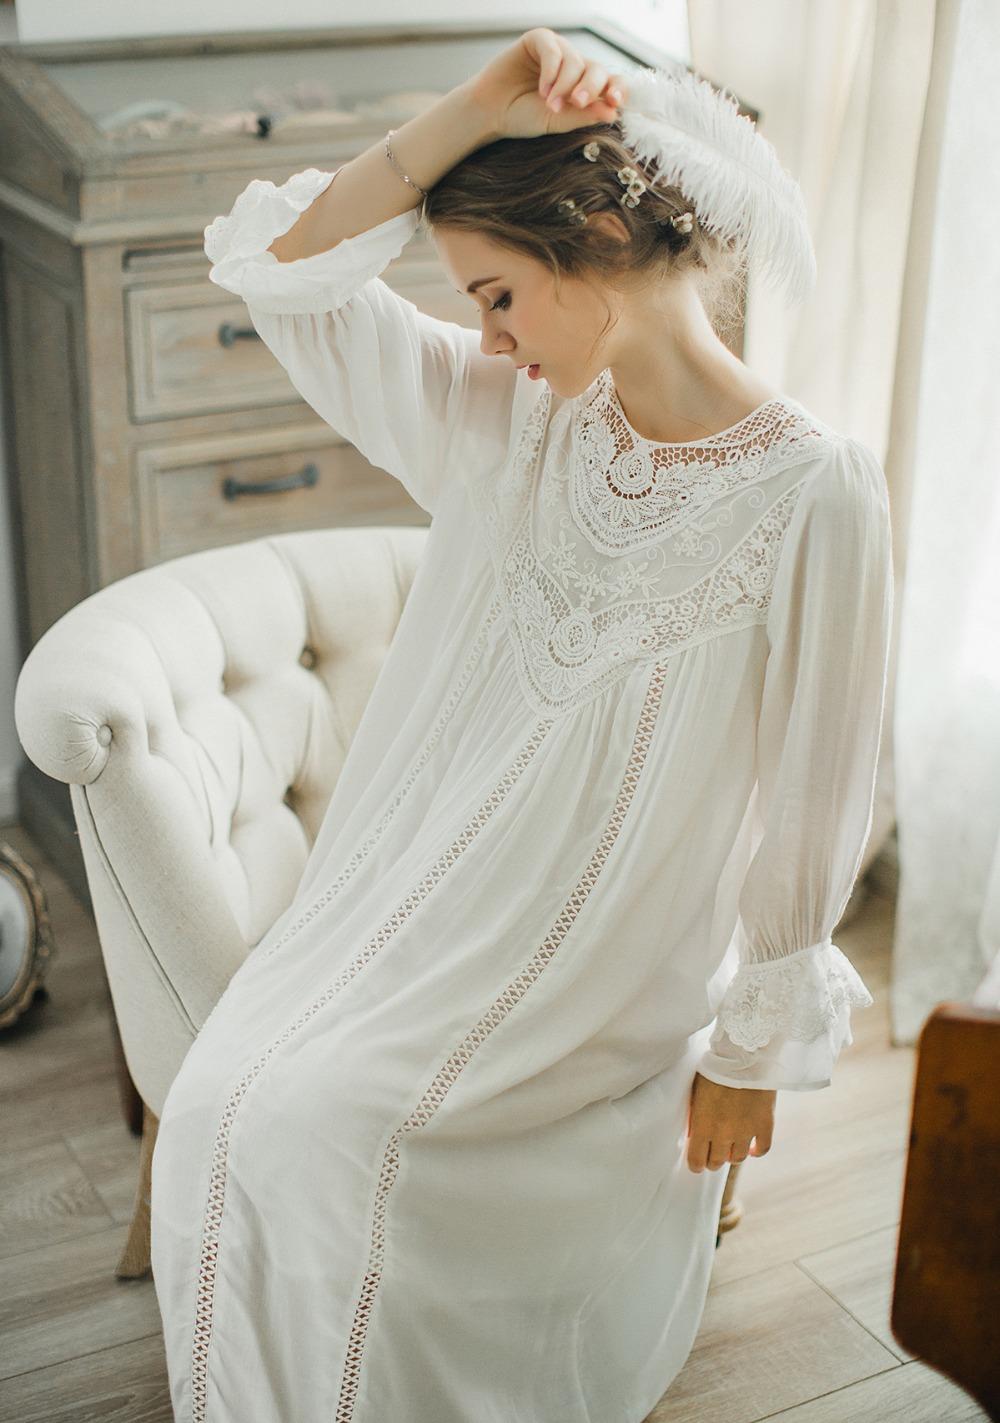 1e32efbd786 Осень 2017 г. хлопковая ночная рубашка для женщин с длинными рукавами  принцесса Кнопка Ночная рубашка-кардиган дворец элегантный снаUSD  32.93 piece. 5 6 7 8